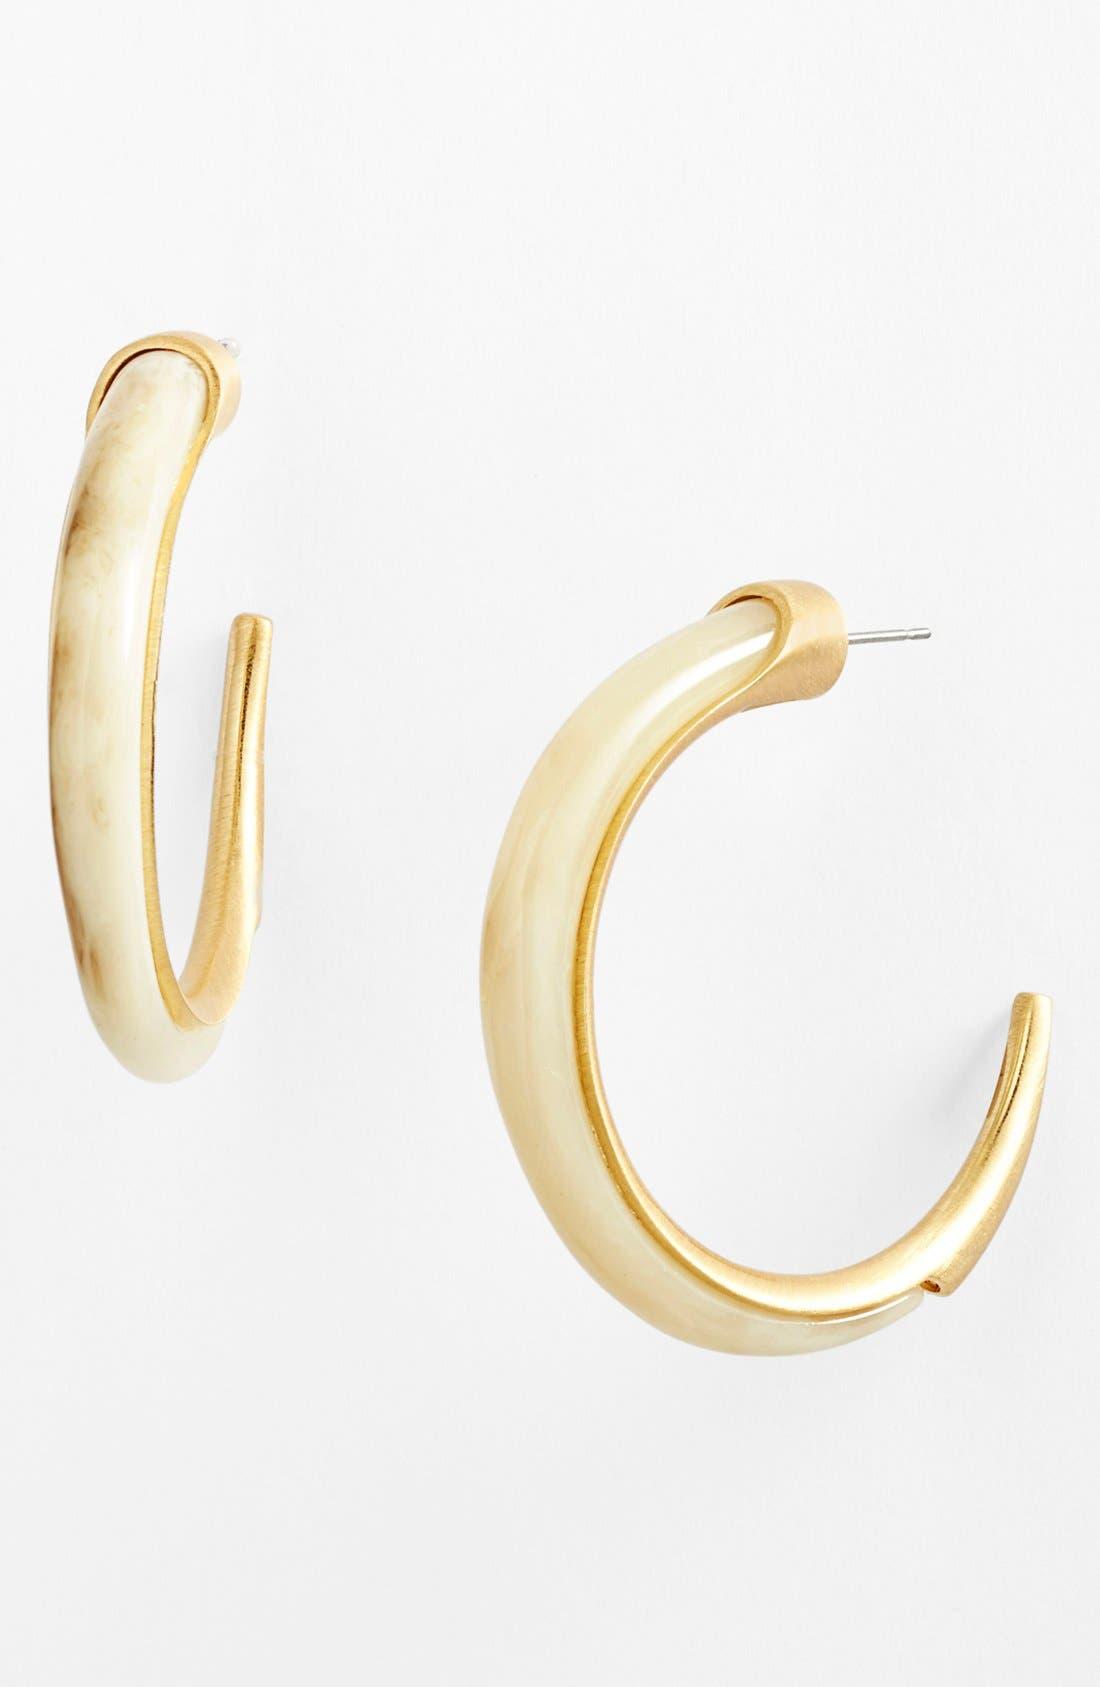 Main Image - Vince Camuto 'Thorns & Horns' Hoop Earrings